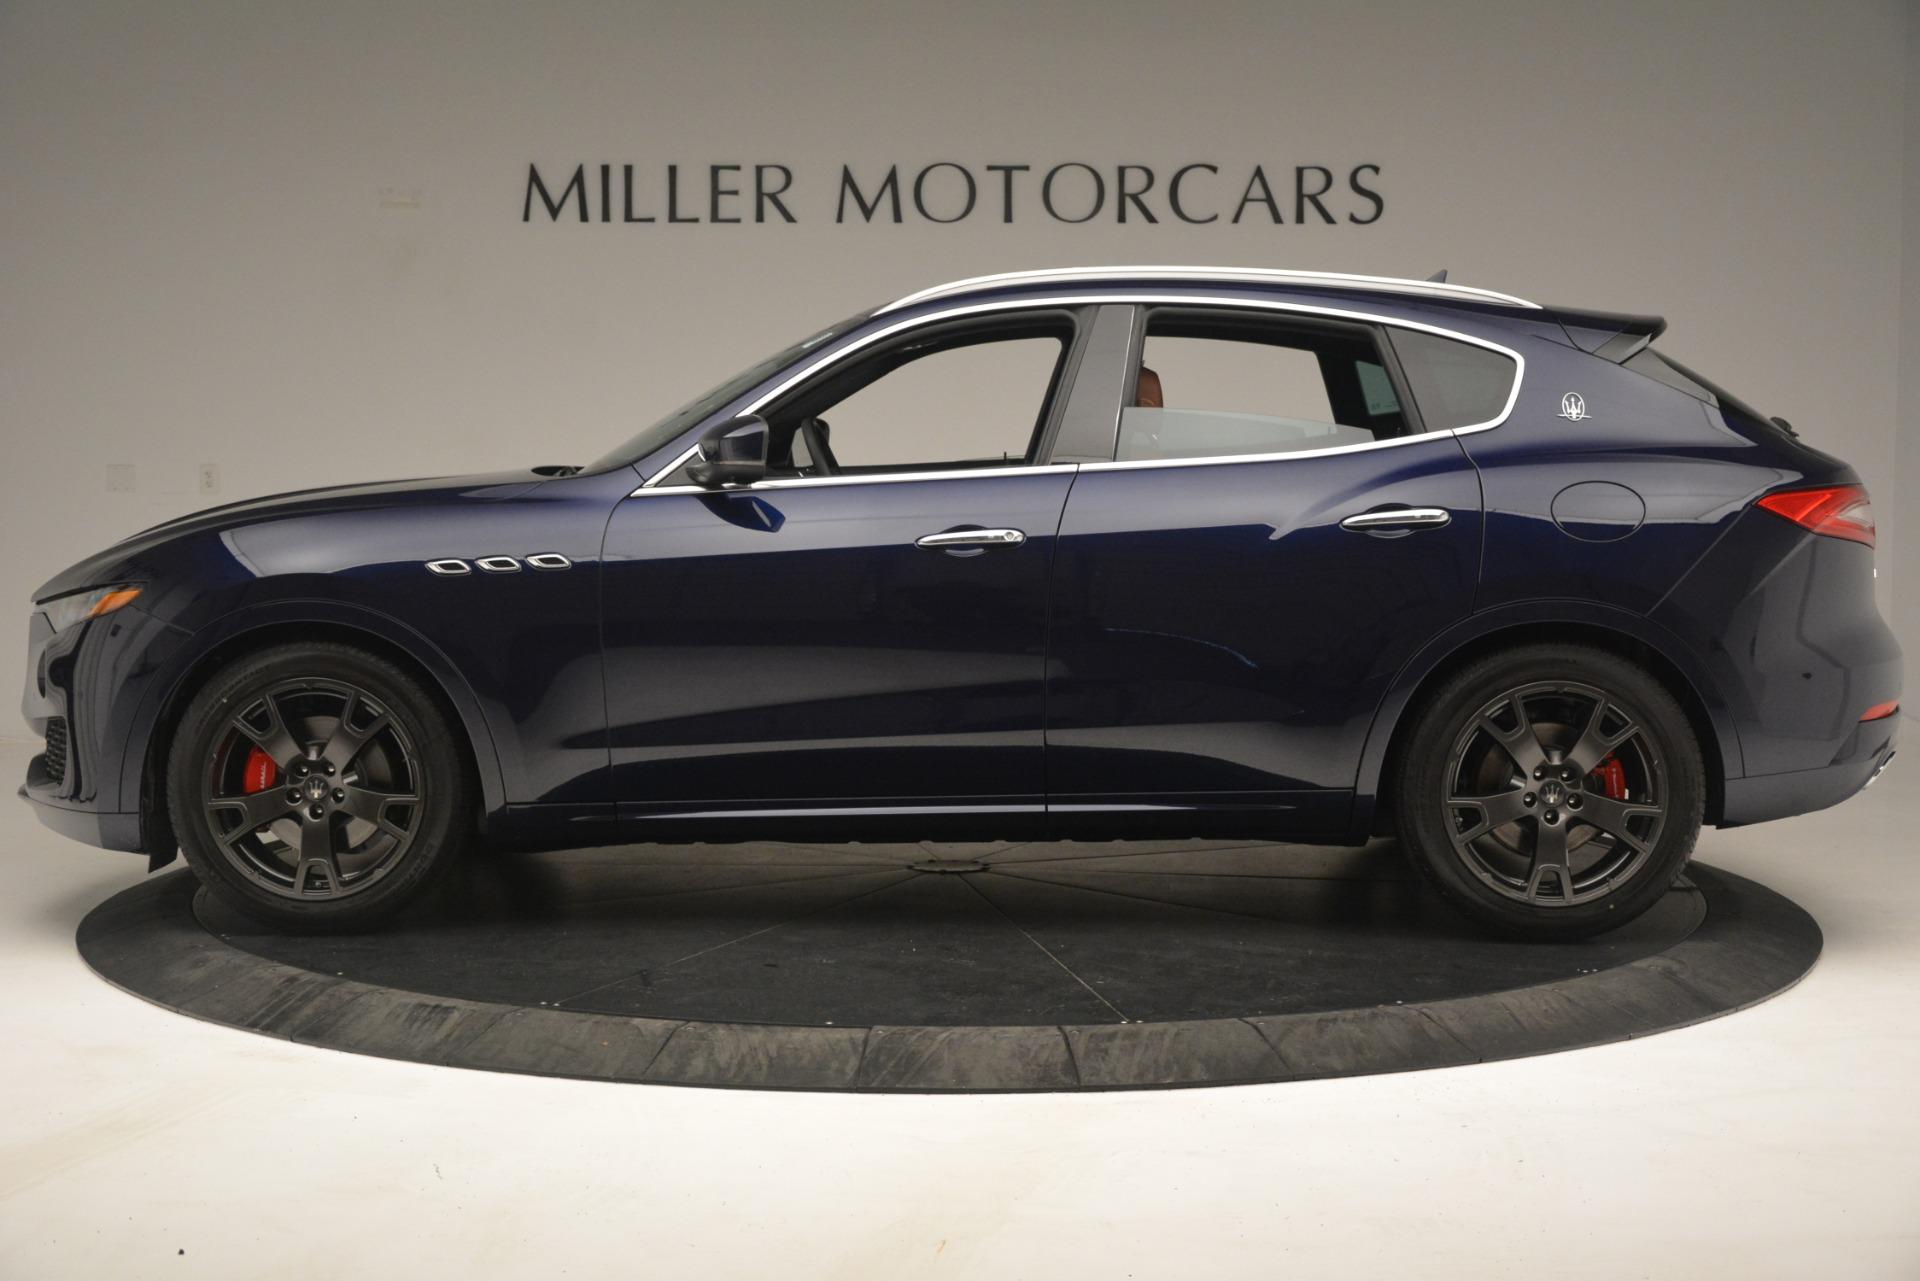 New 2019 Maserati Levante Q4 For Sale In Greenwich, CT 3022_p3